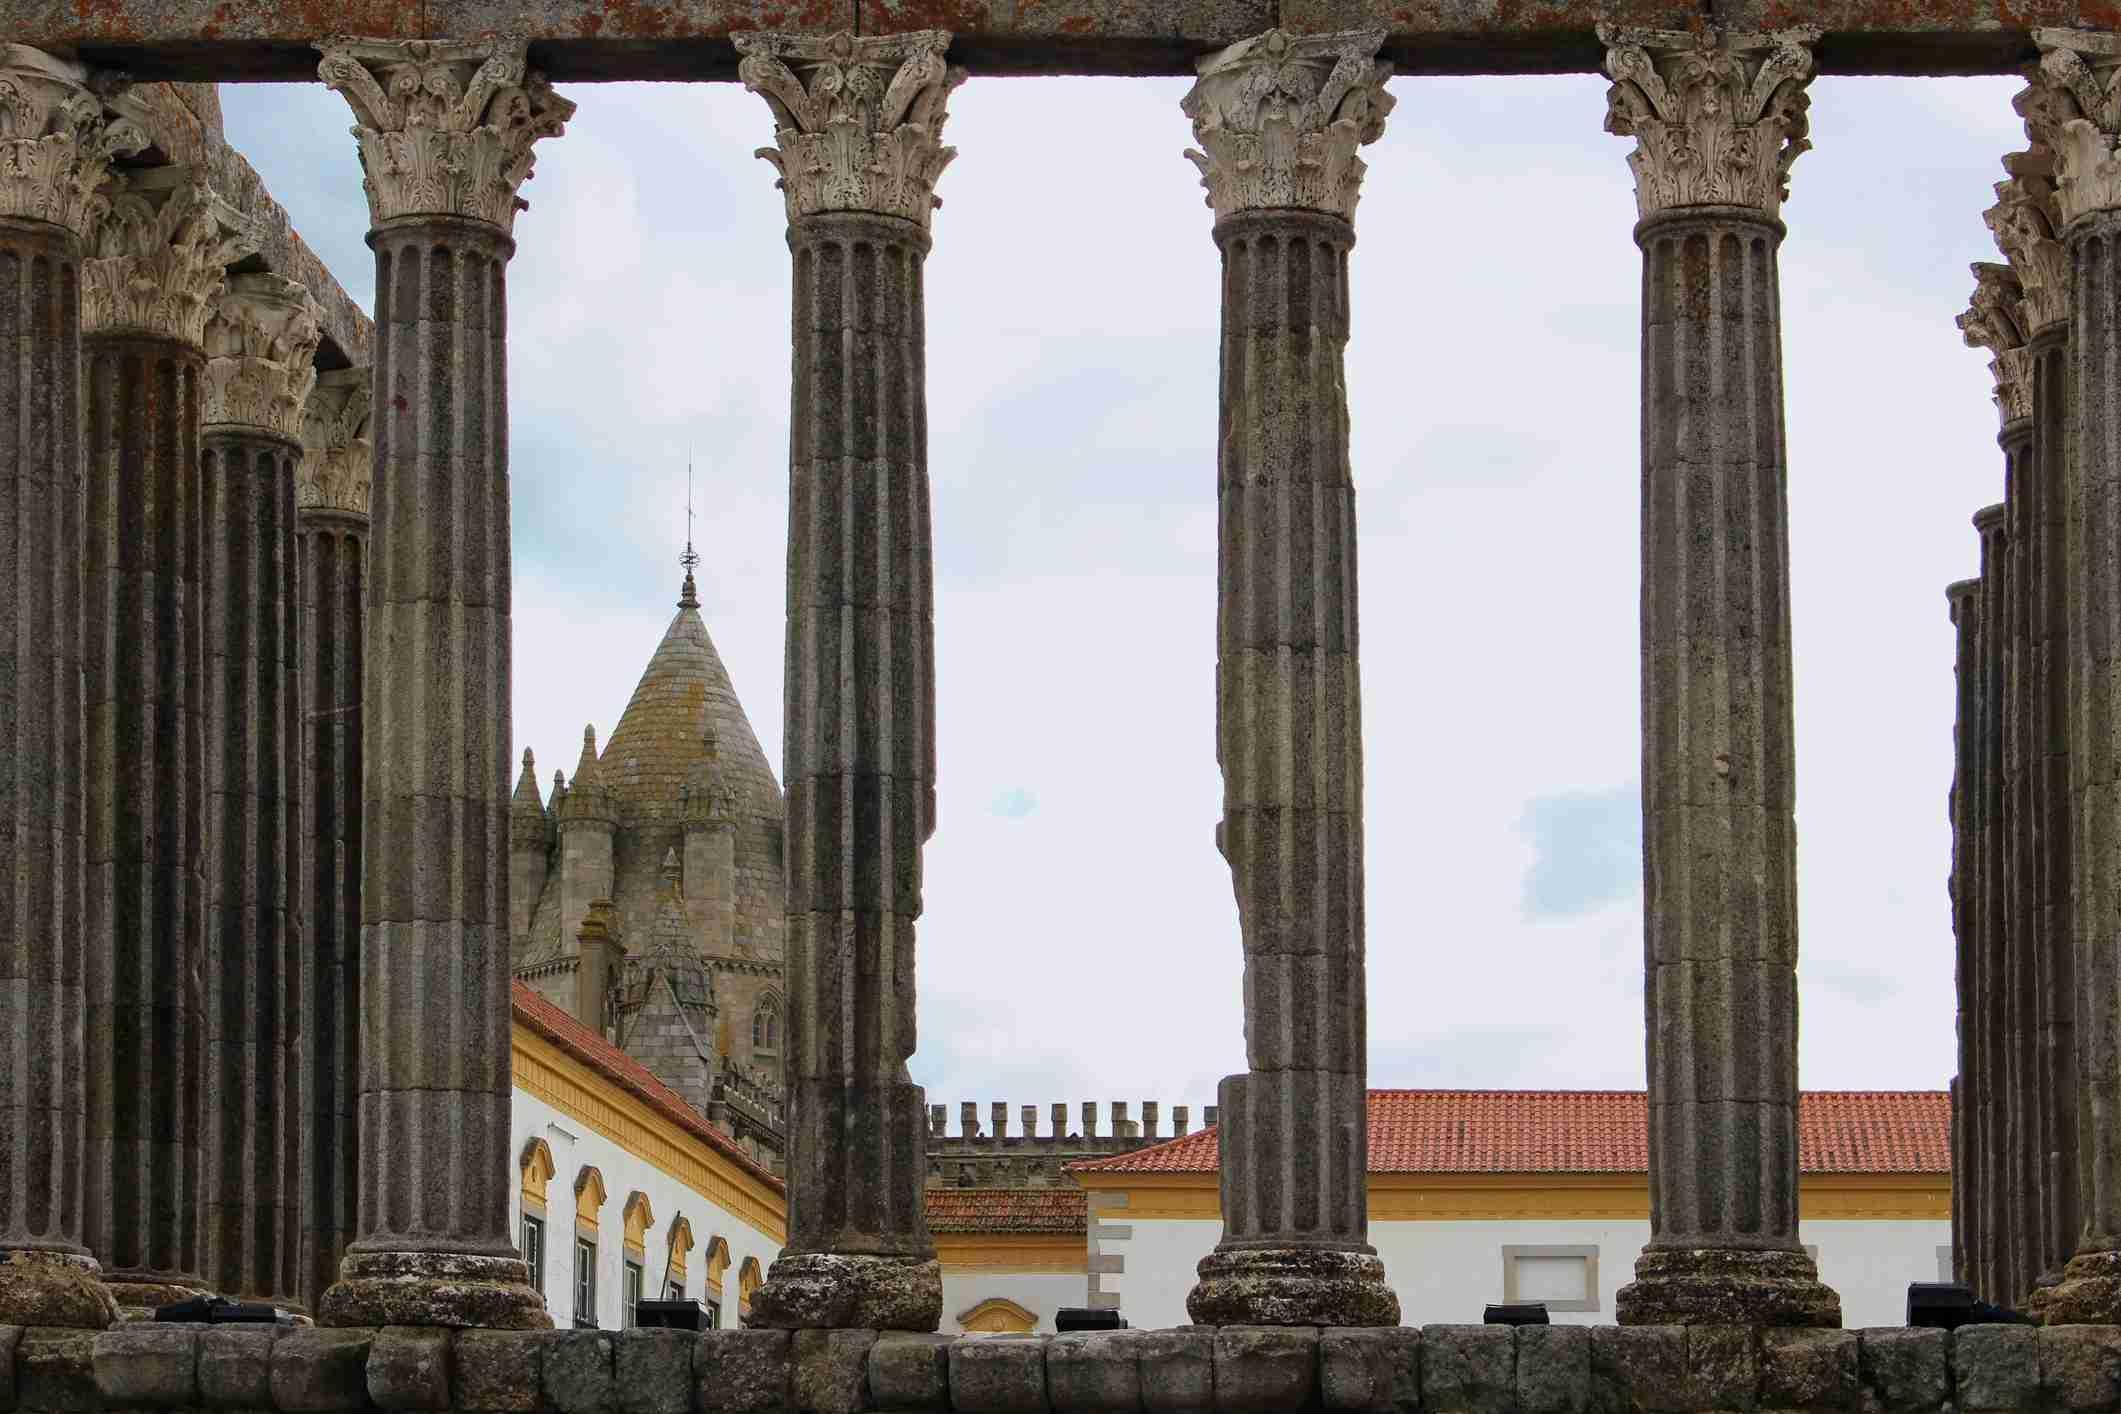 Roman Temple of Evora, Portugal